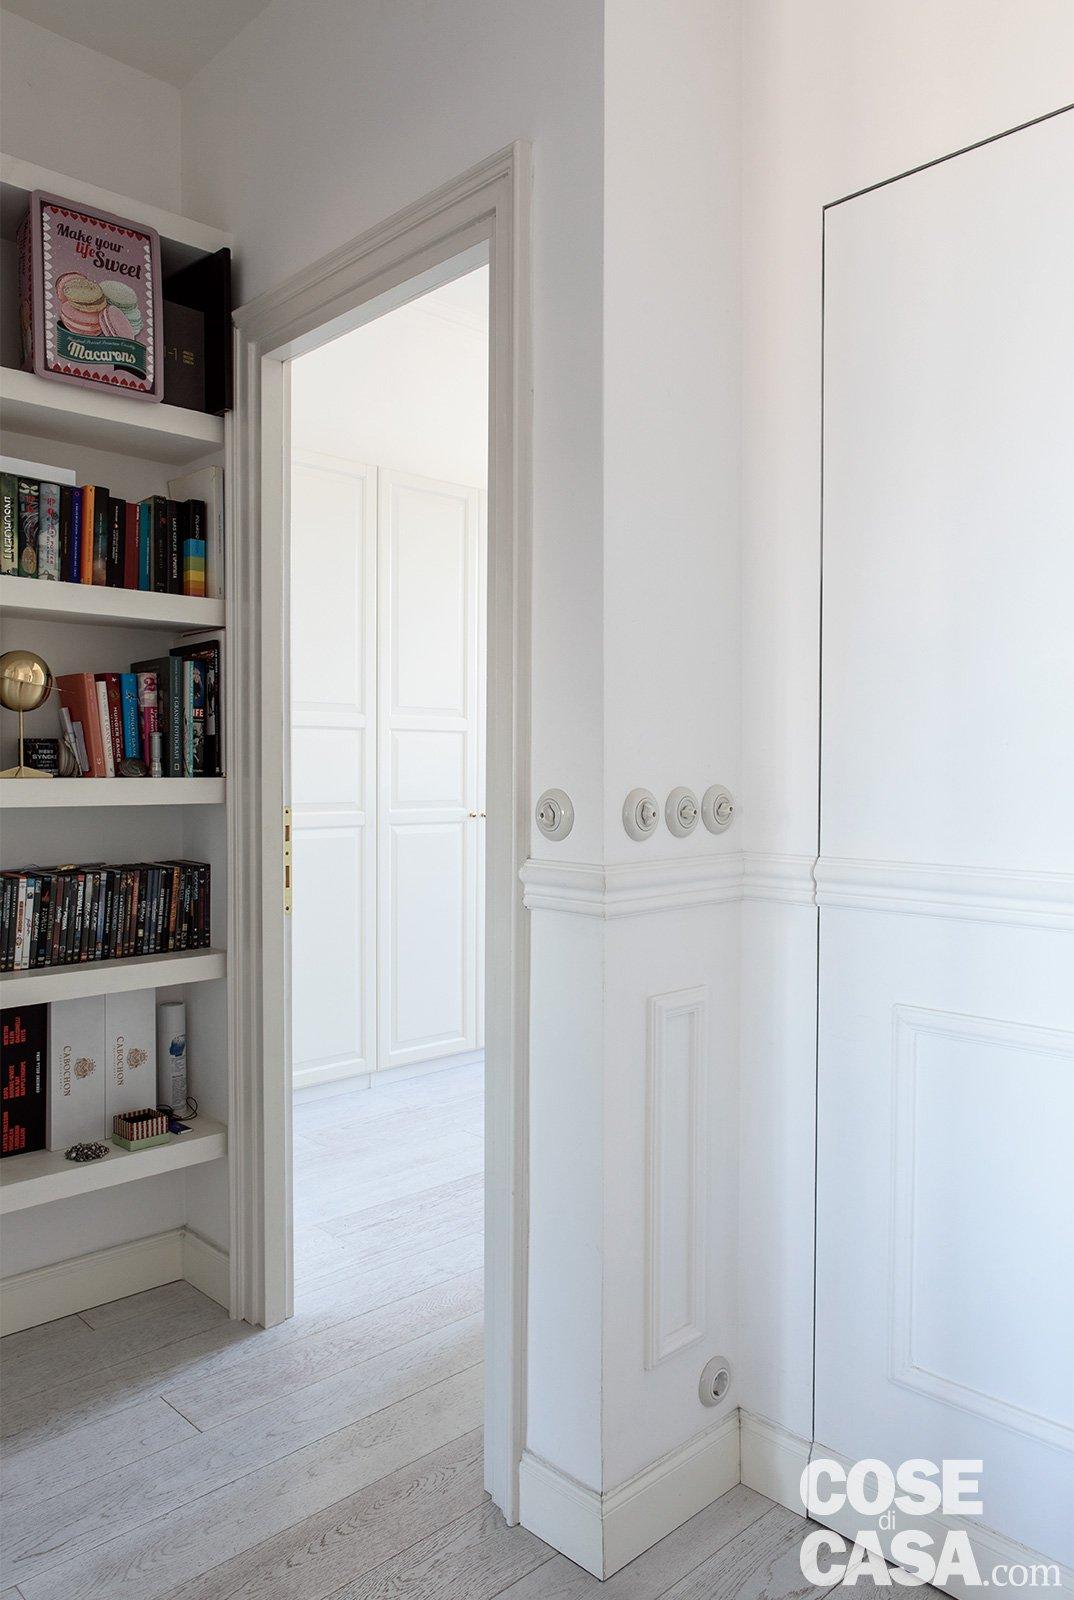 85 mq una casa in stile classico contemporaneo cose di casa for Case arredate stile classico